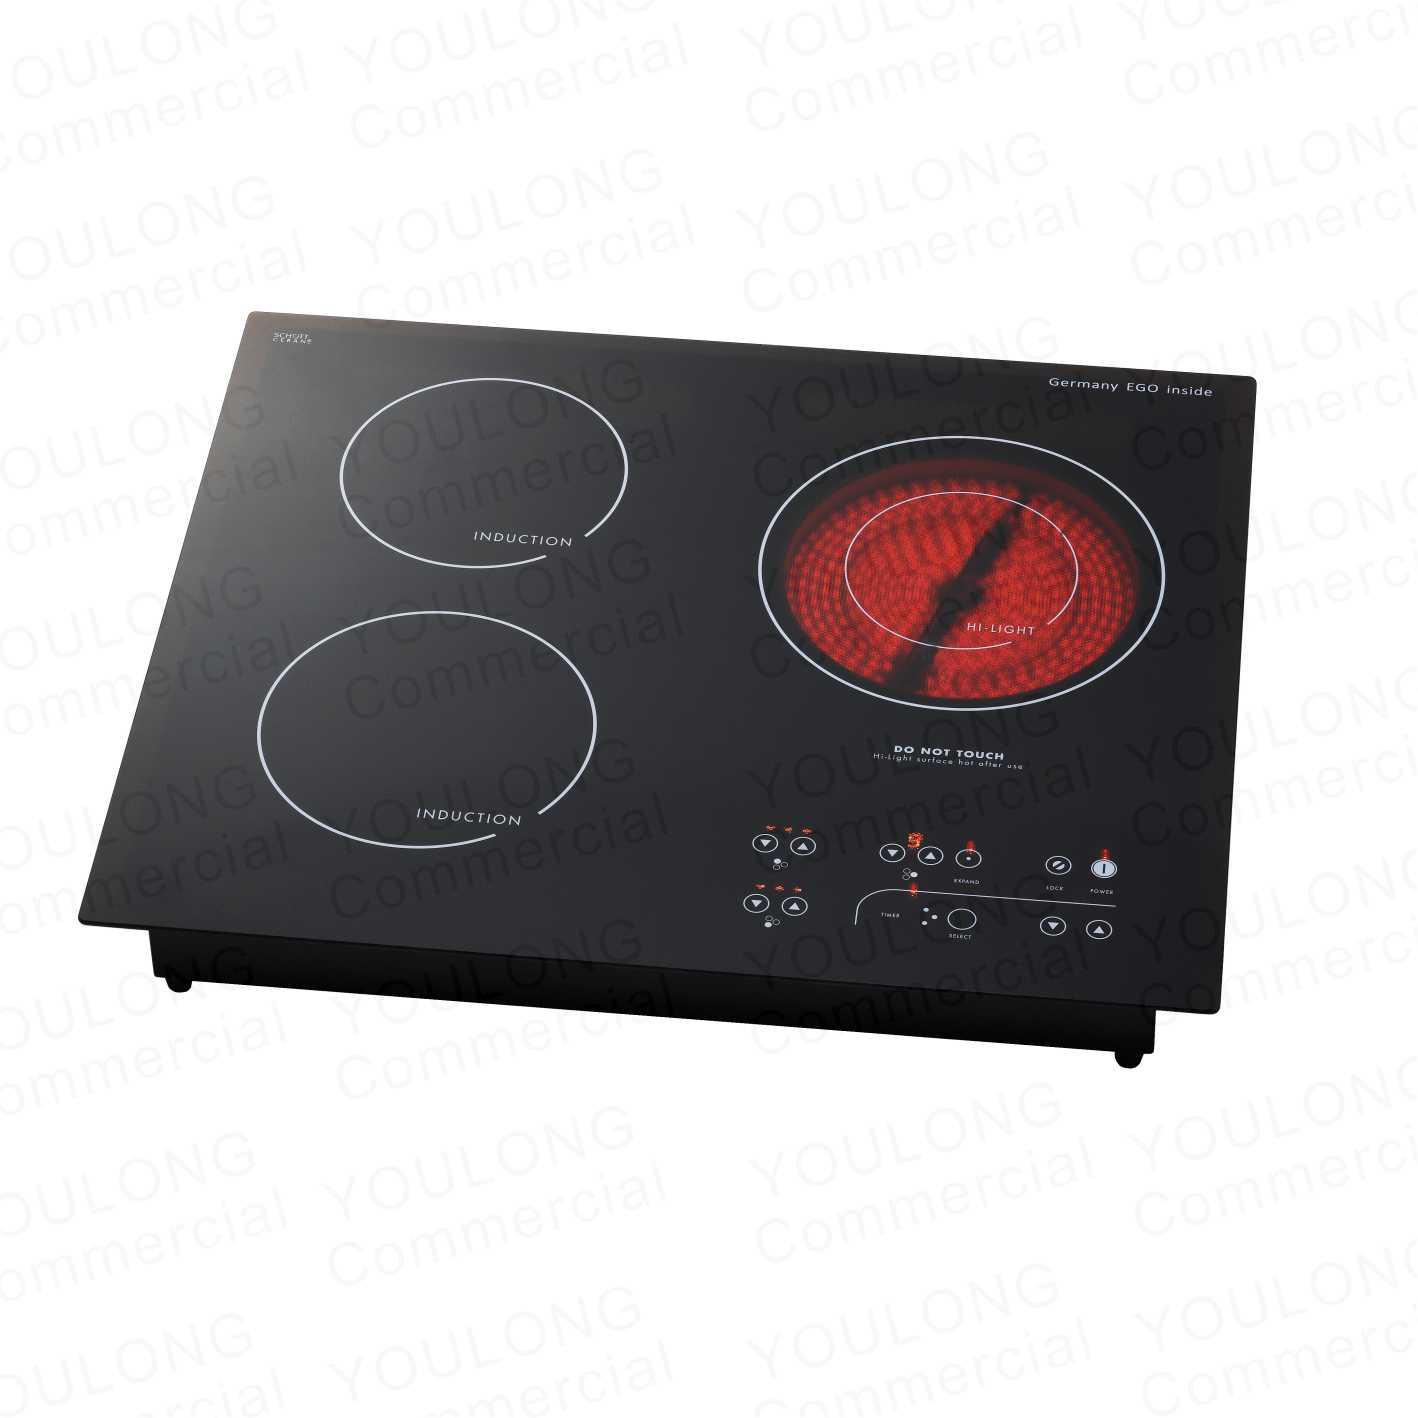 DIT-520A Mix 2 Burner Induction and 1 Burner Ceramic hob